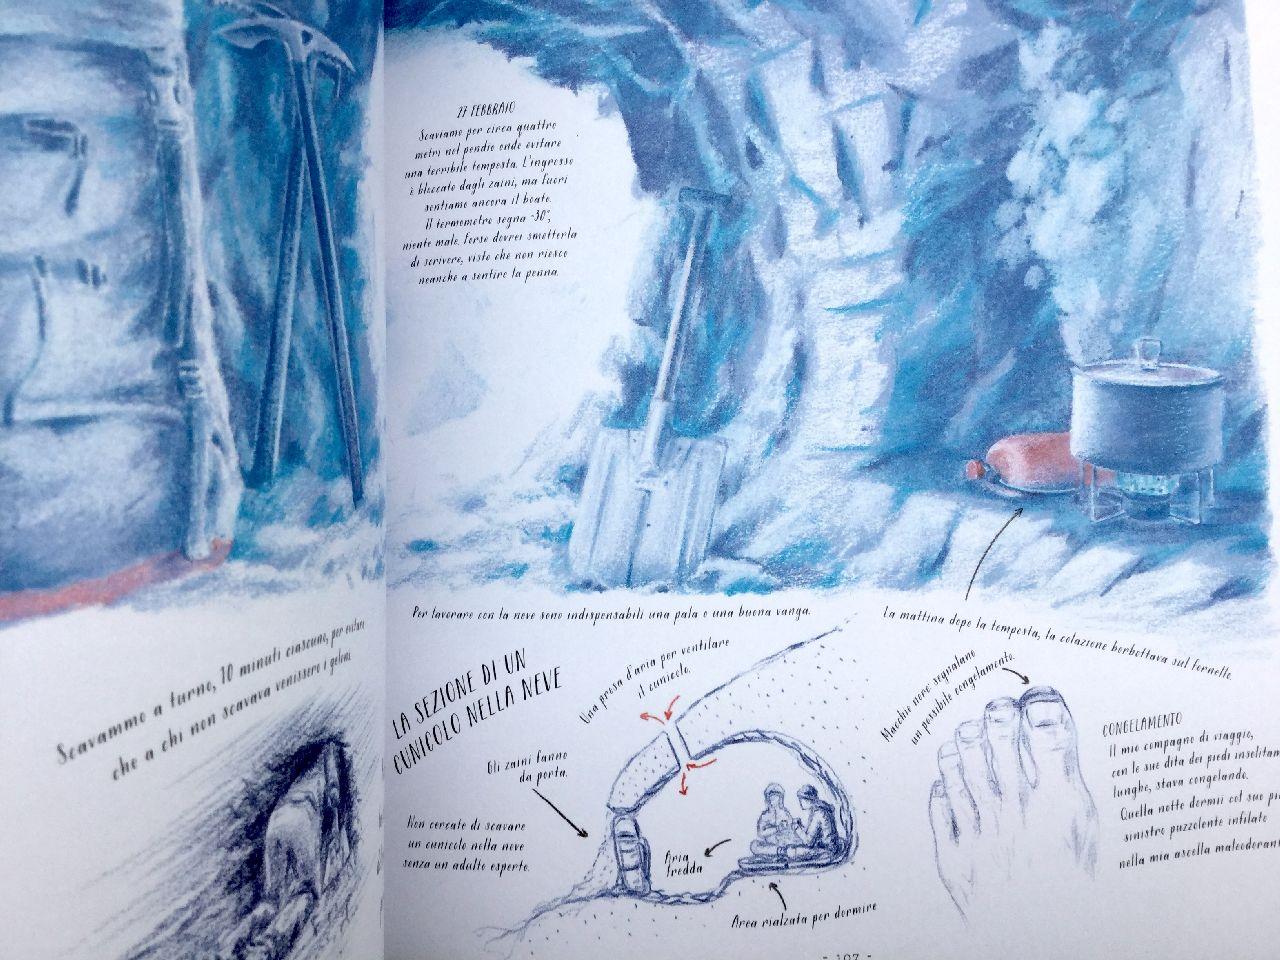 Il libro delle avventure perdute, L'ippocampo